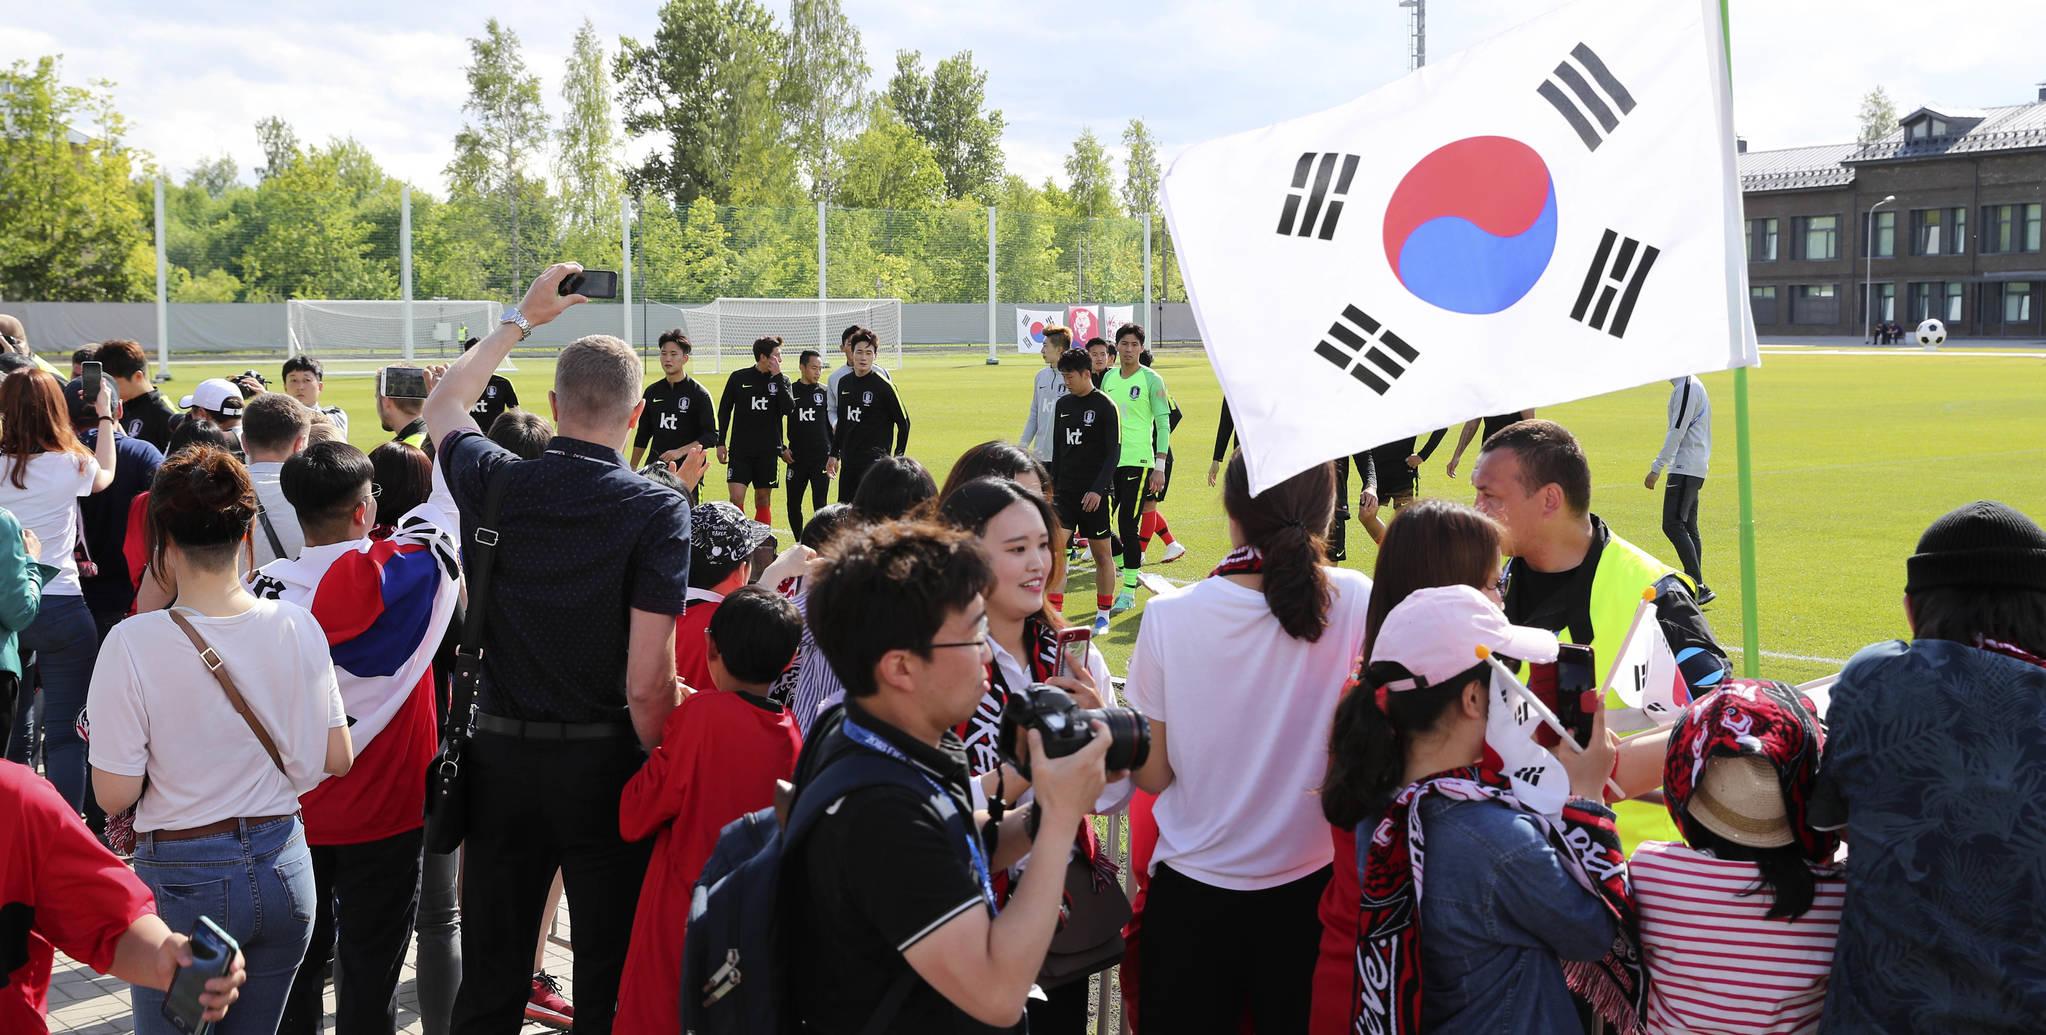 축구 국가대표팀의 러시아에서 첫 훈련이 열린 13일(현지시간) 상트페테르부르크 스파르타크 스타디움에서 교민과 현지 팬들이 선수들의 사인을 받기위해 기다리고 있다. 임현동 기자